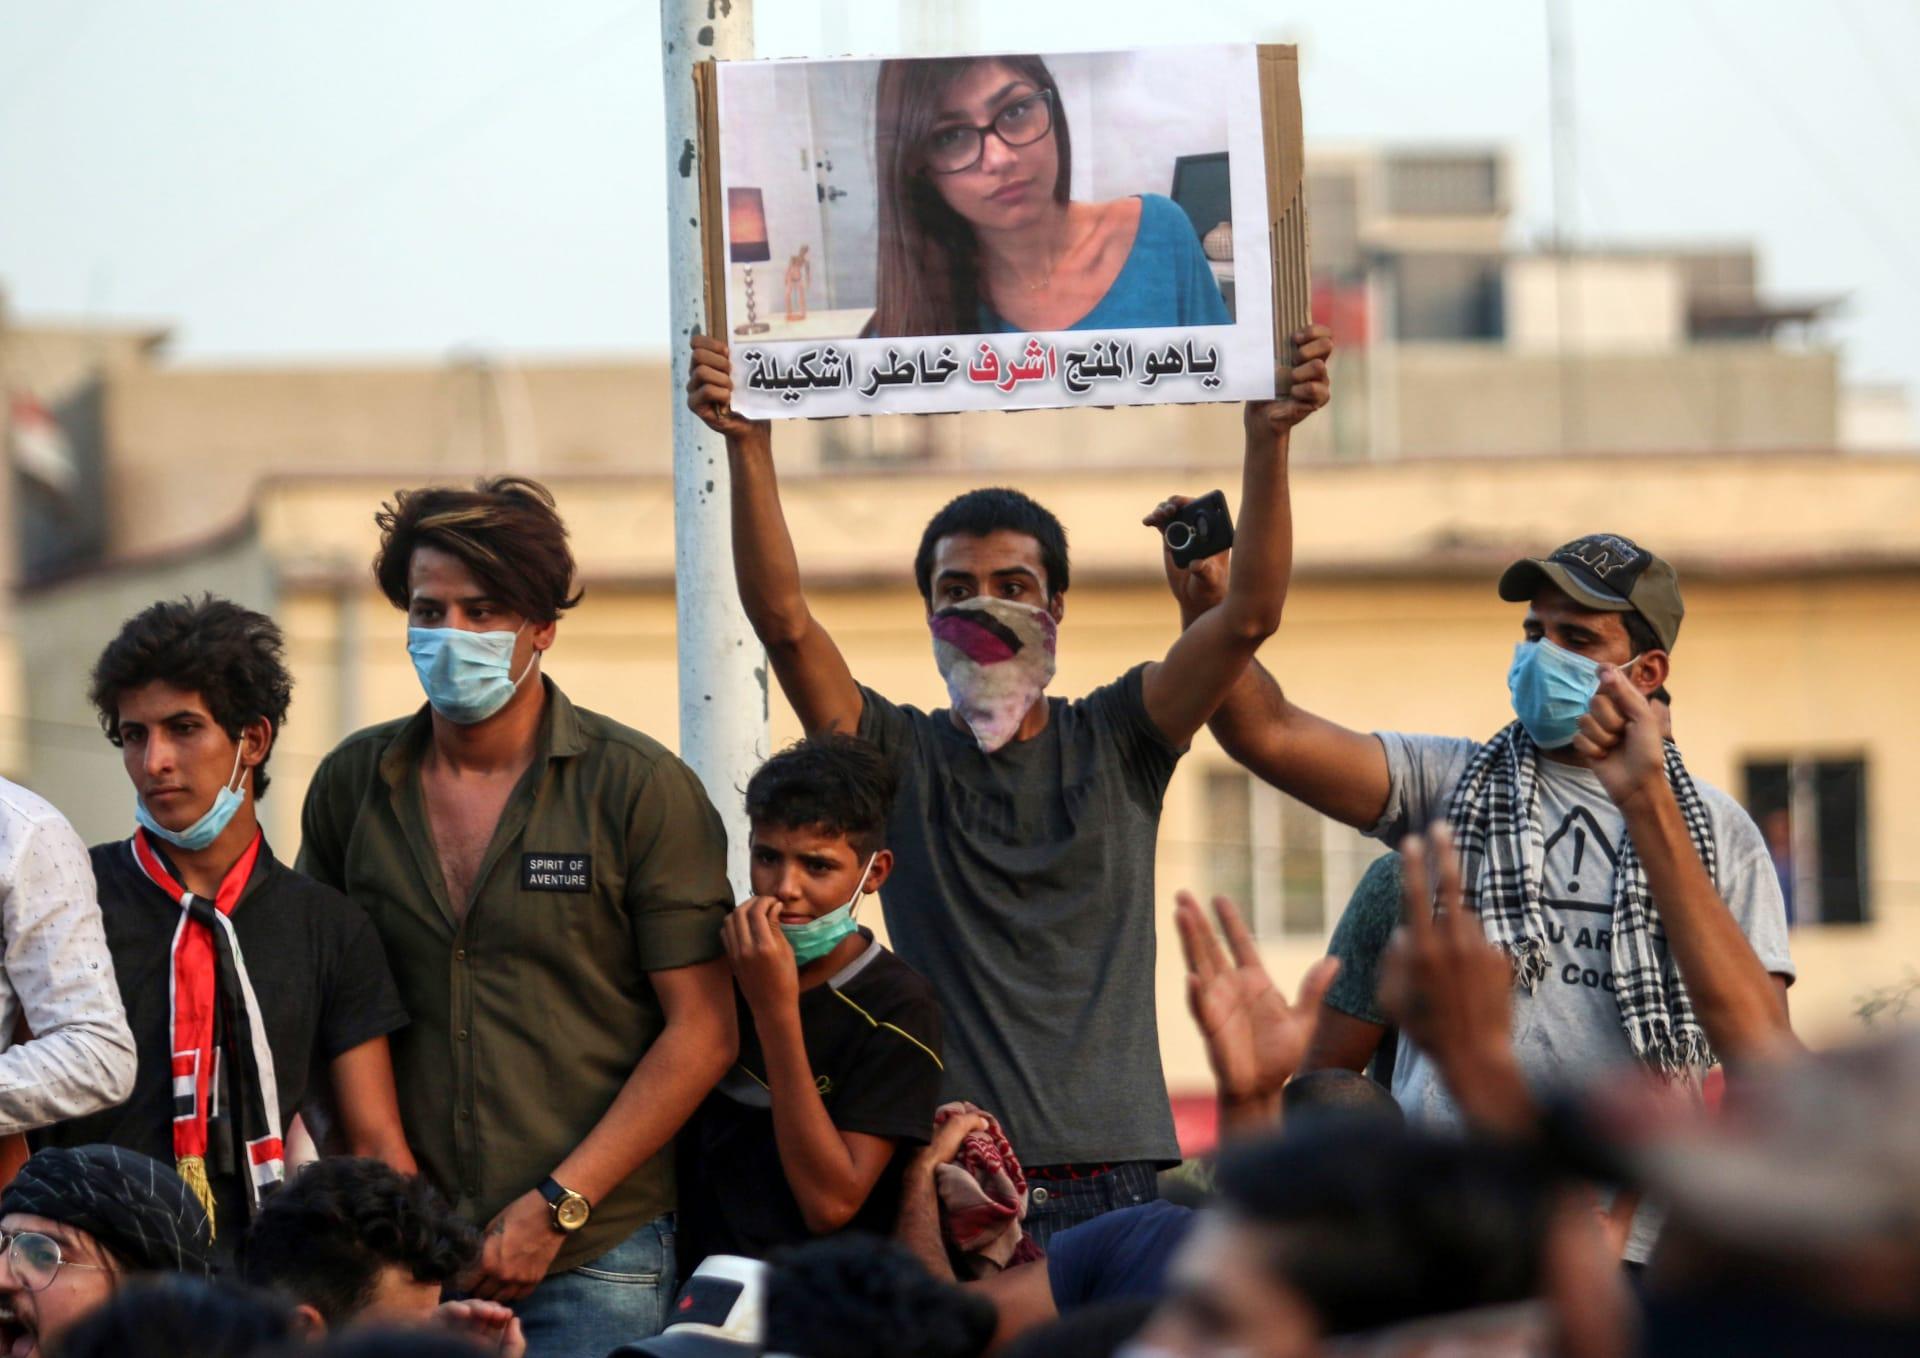 ميا خليفة: وزير خارجية لبنان السابق حظرني عبر انستغرام